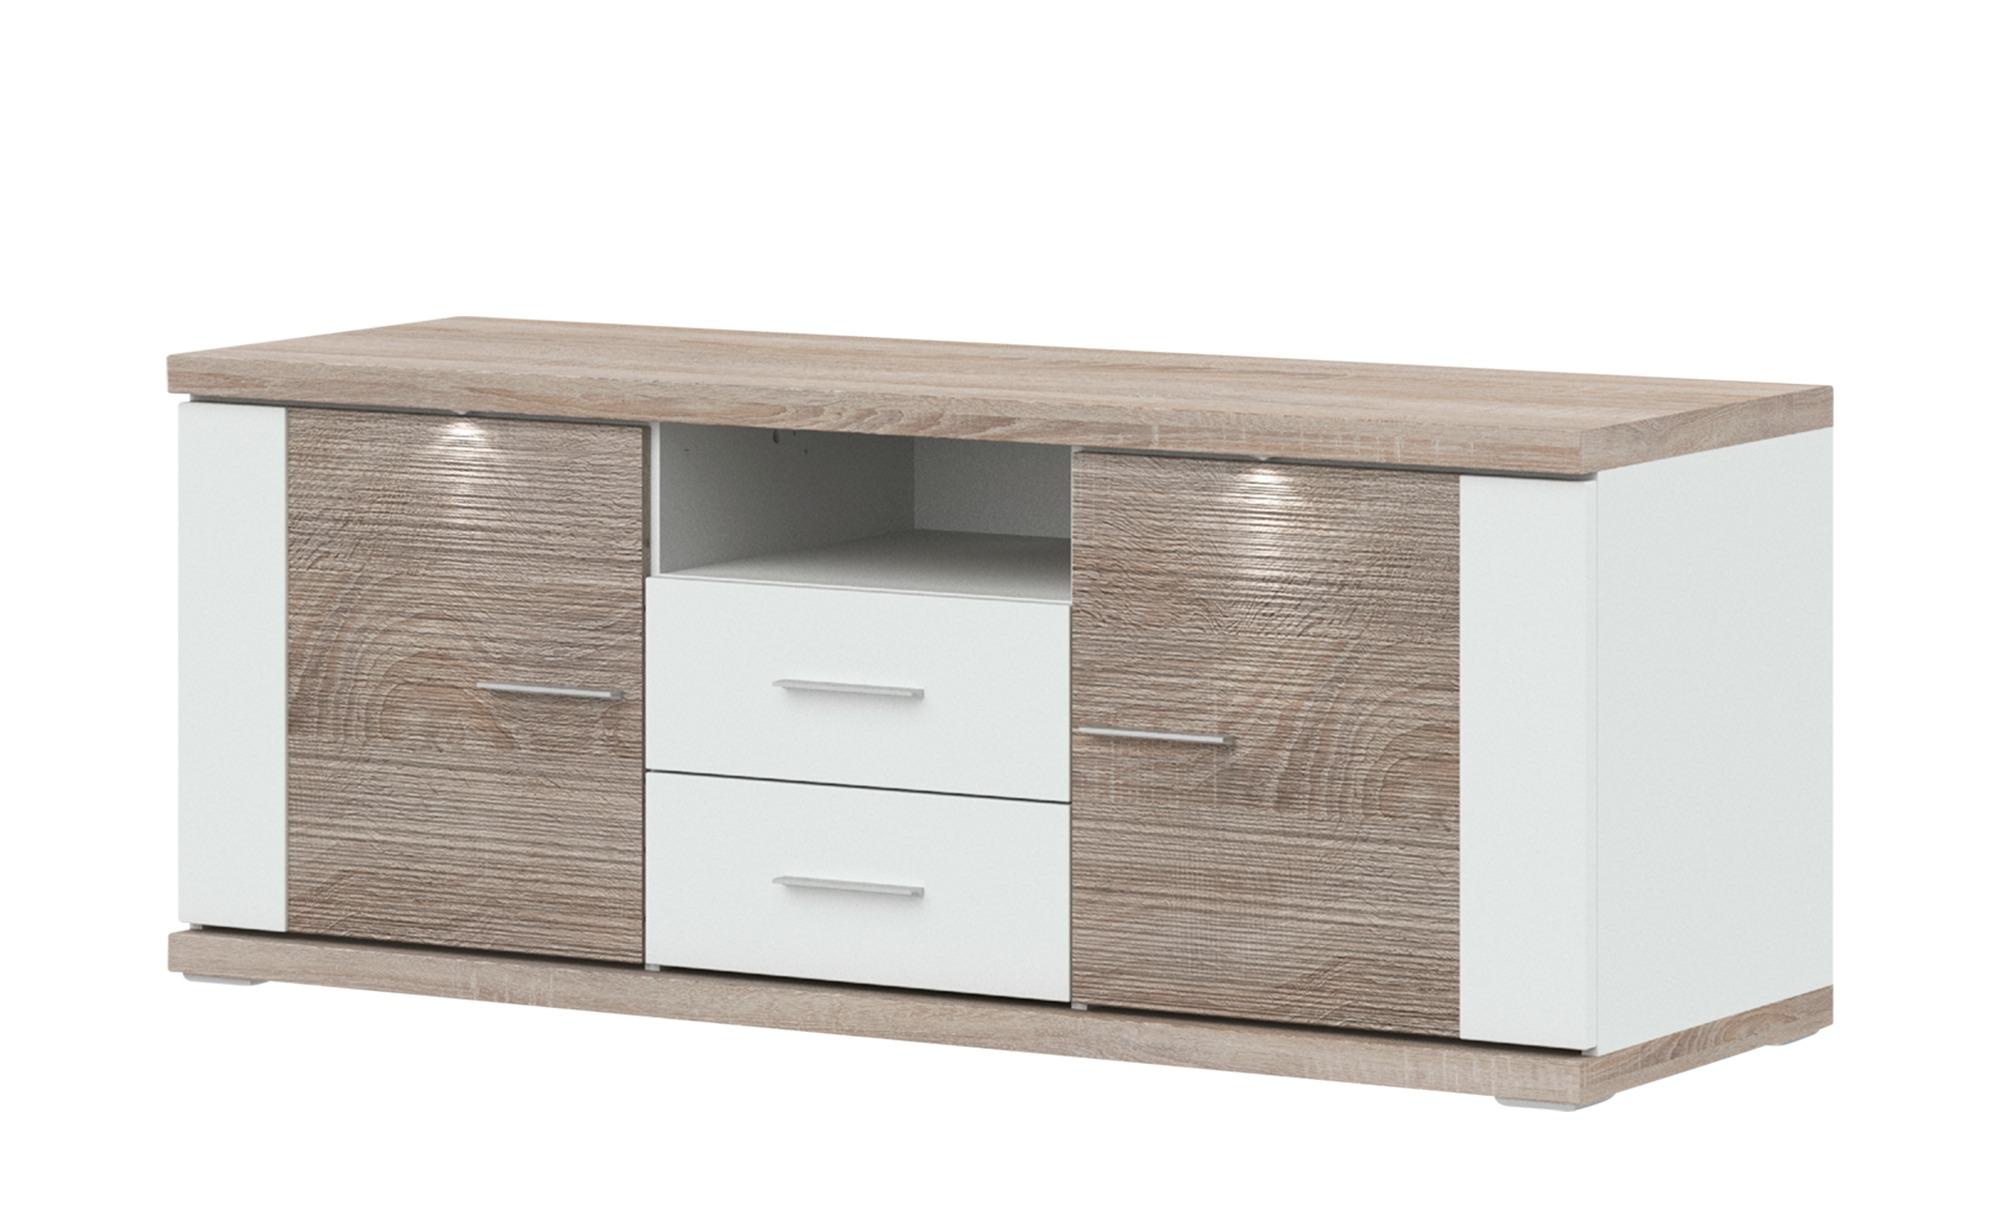 uno lowboard titan breite 151 cm h he 60 cm online kaufen bei woonio. Black Bedroom Furniture Sets. Home Design Ideas